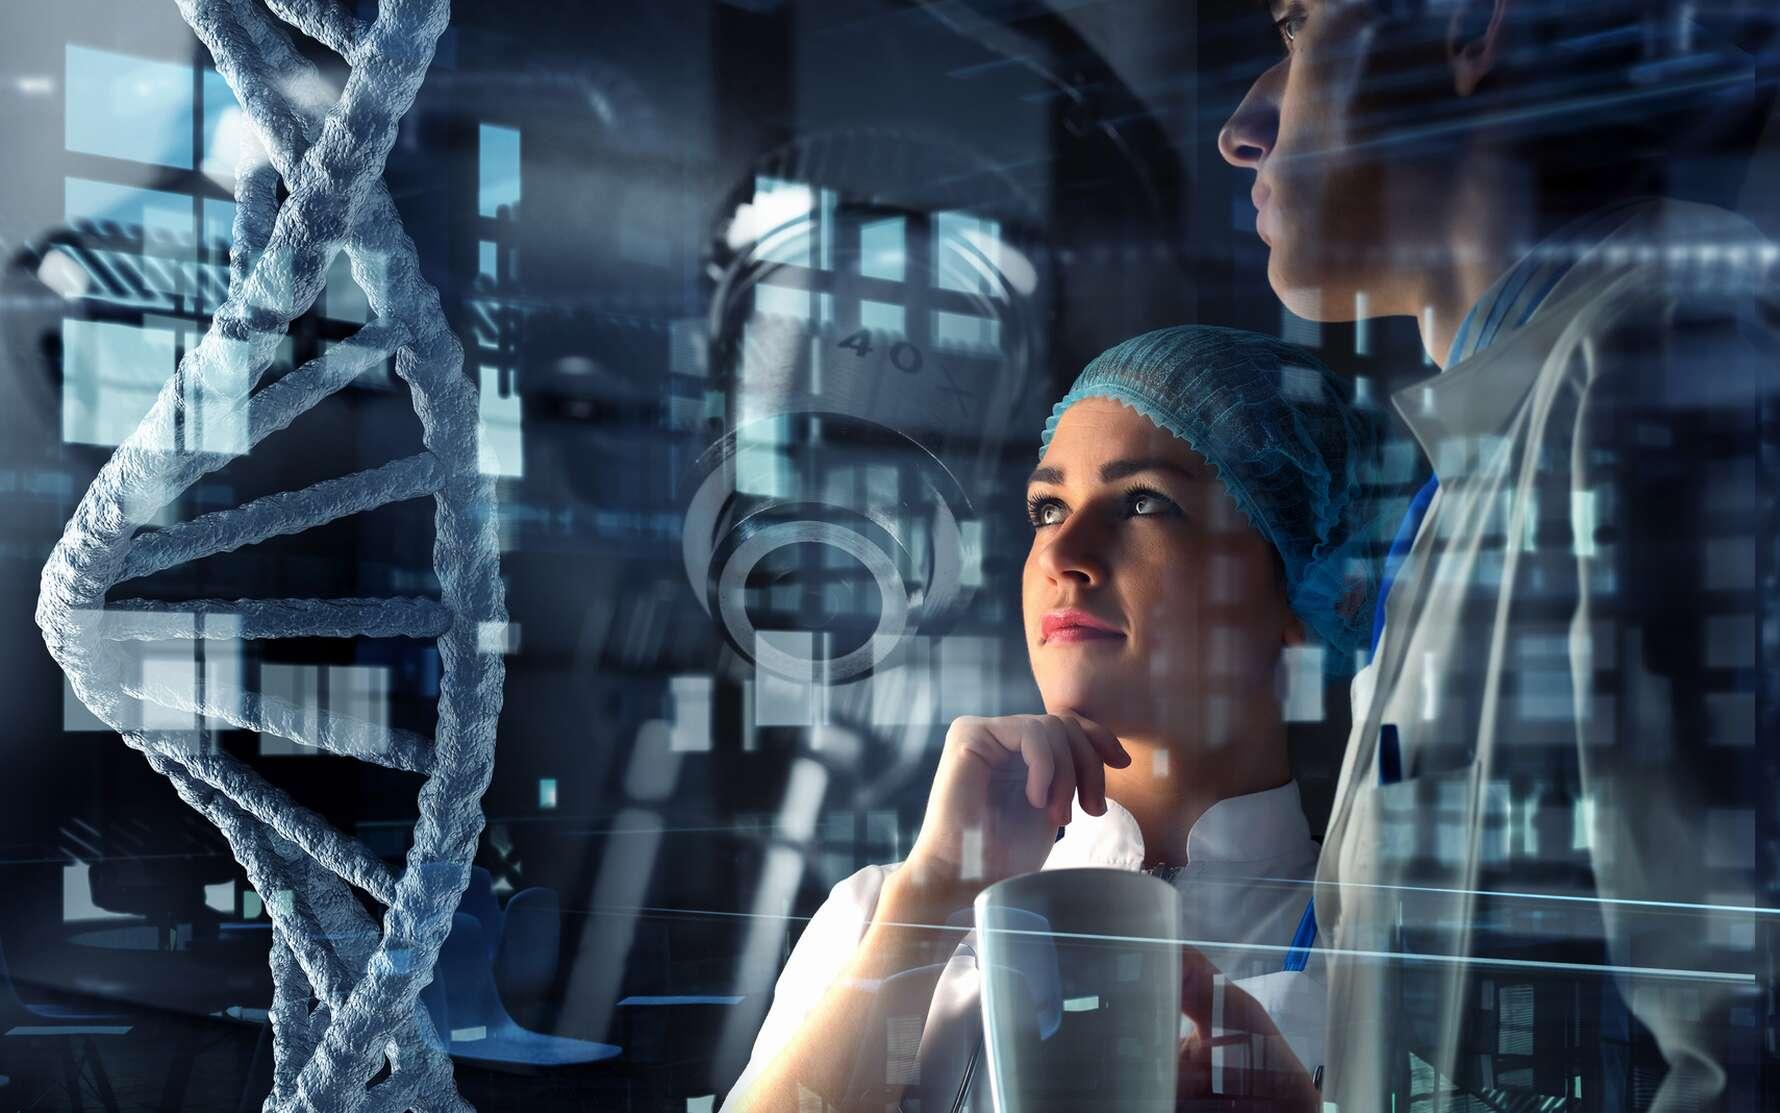 L'ingénieur biologiste utilise les nouvelles technologies pour élaborer de nouvelles techniques de recherches scientifiques. © Sergey Nivens, Fotolia.